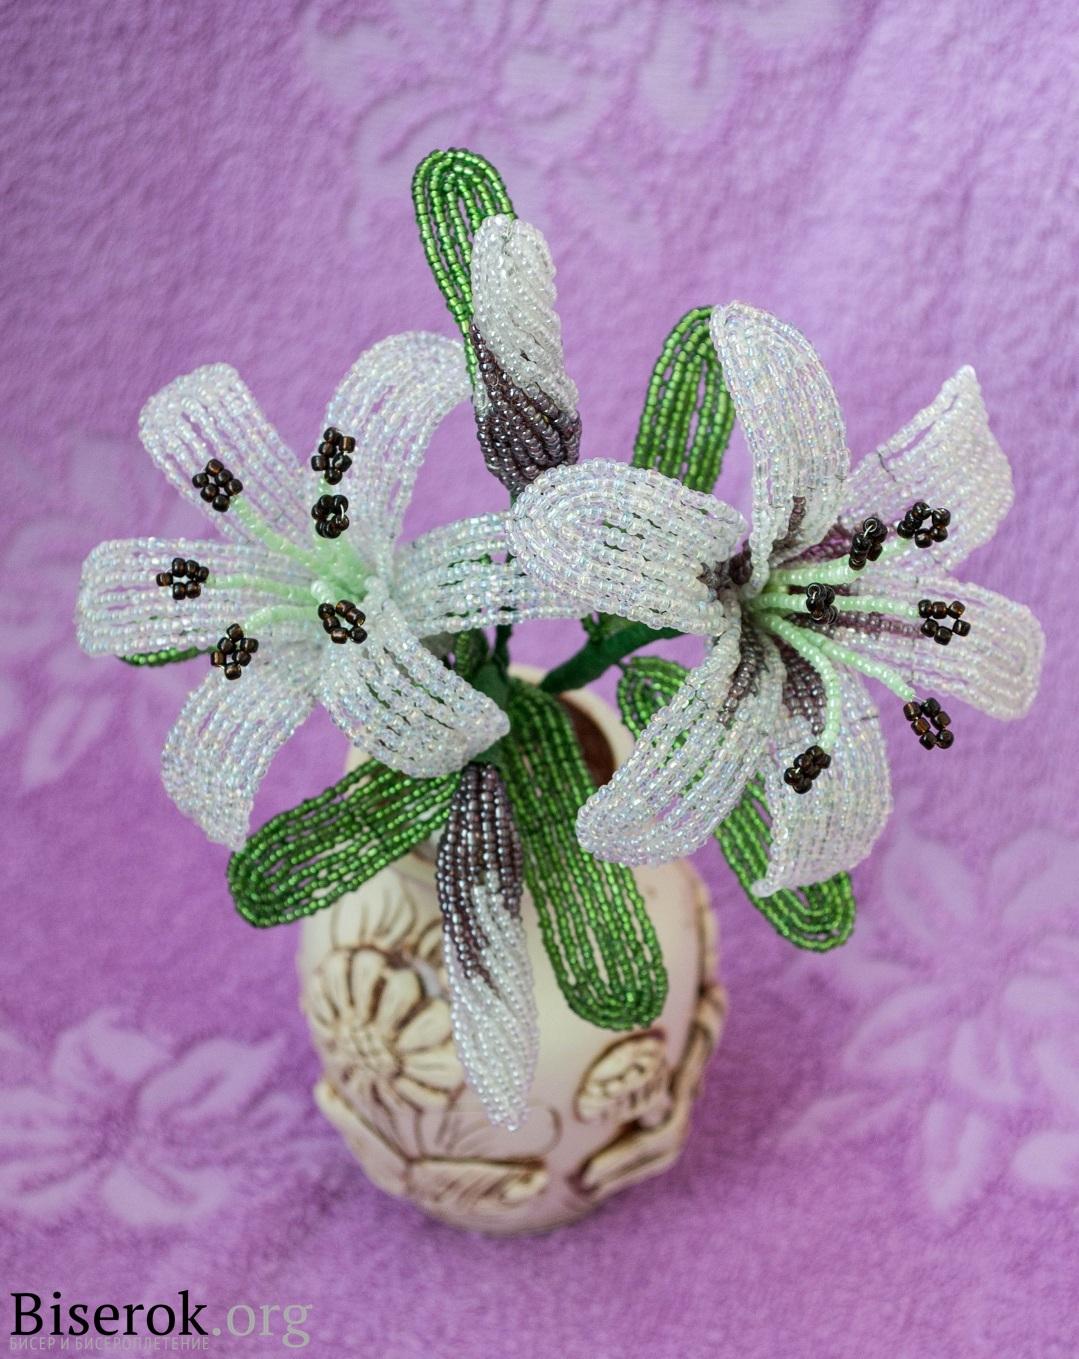 фото популярных лилия из бисера мастер класс пошаговое фото применяются клинико-диагностических